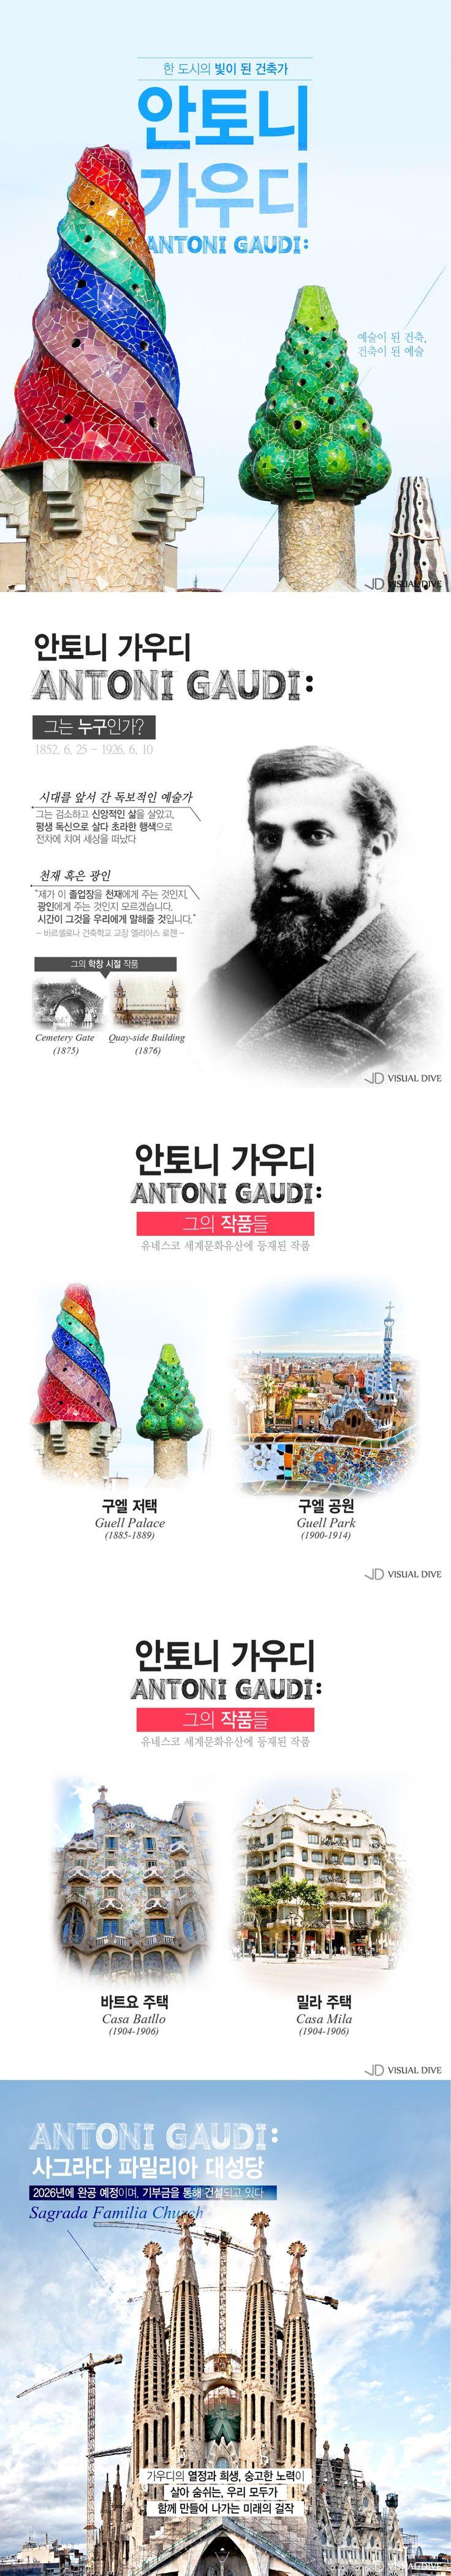 안토니 가우디, 바르셀로나를 빛낸 건축가[인포그래픽] #Architecture / #Infographic ⓒ 비주얼다이브 무단 복사·전재·재배포 금지